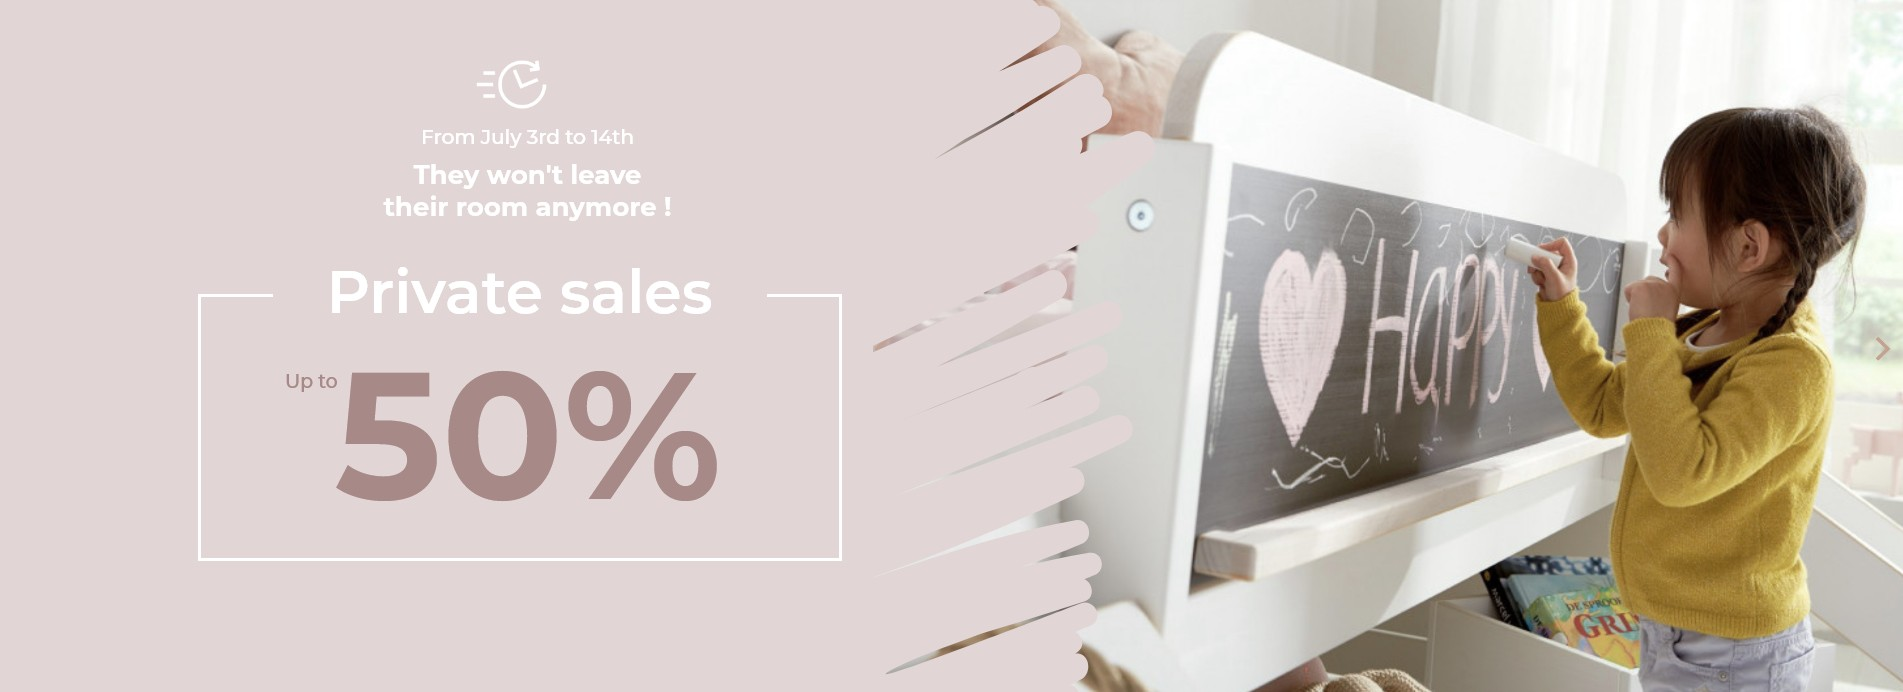 private-sales